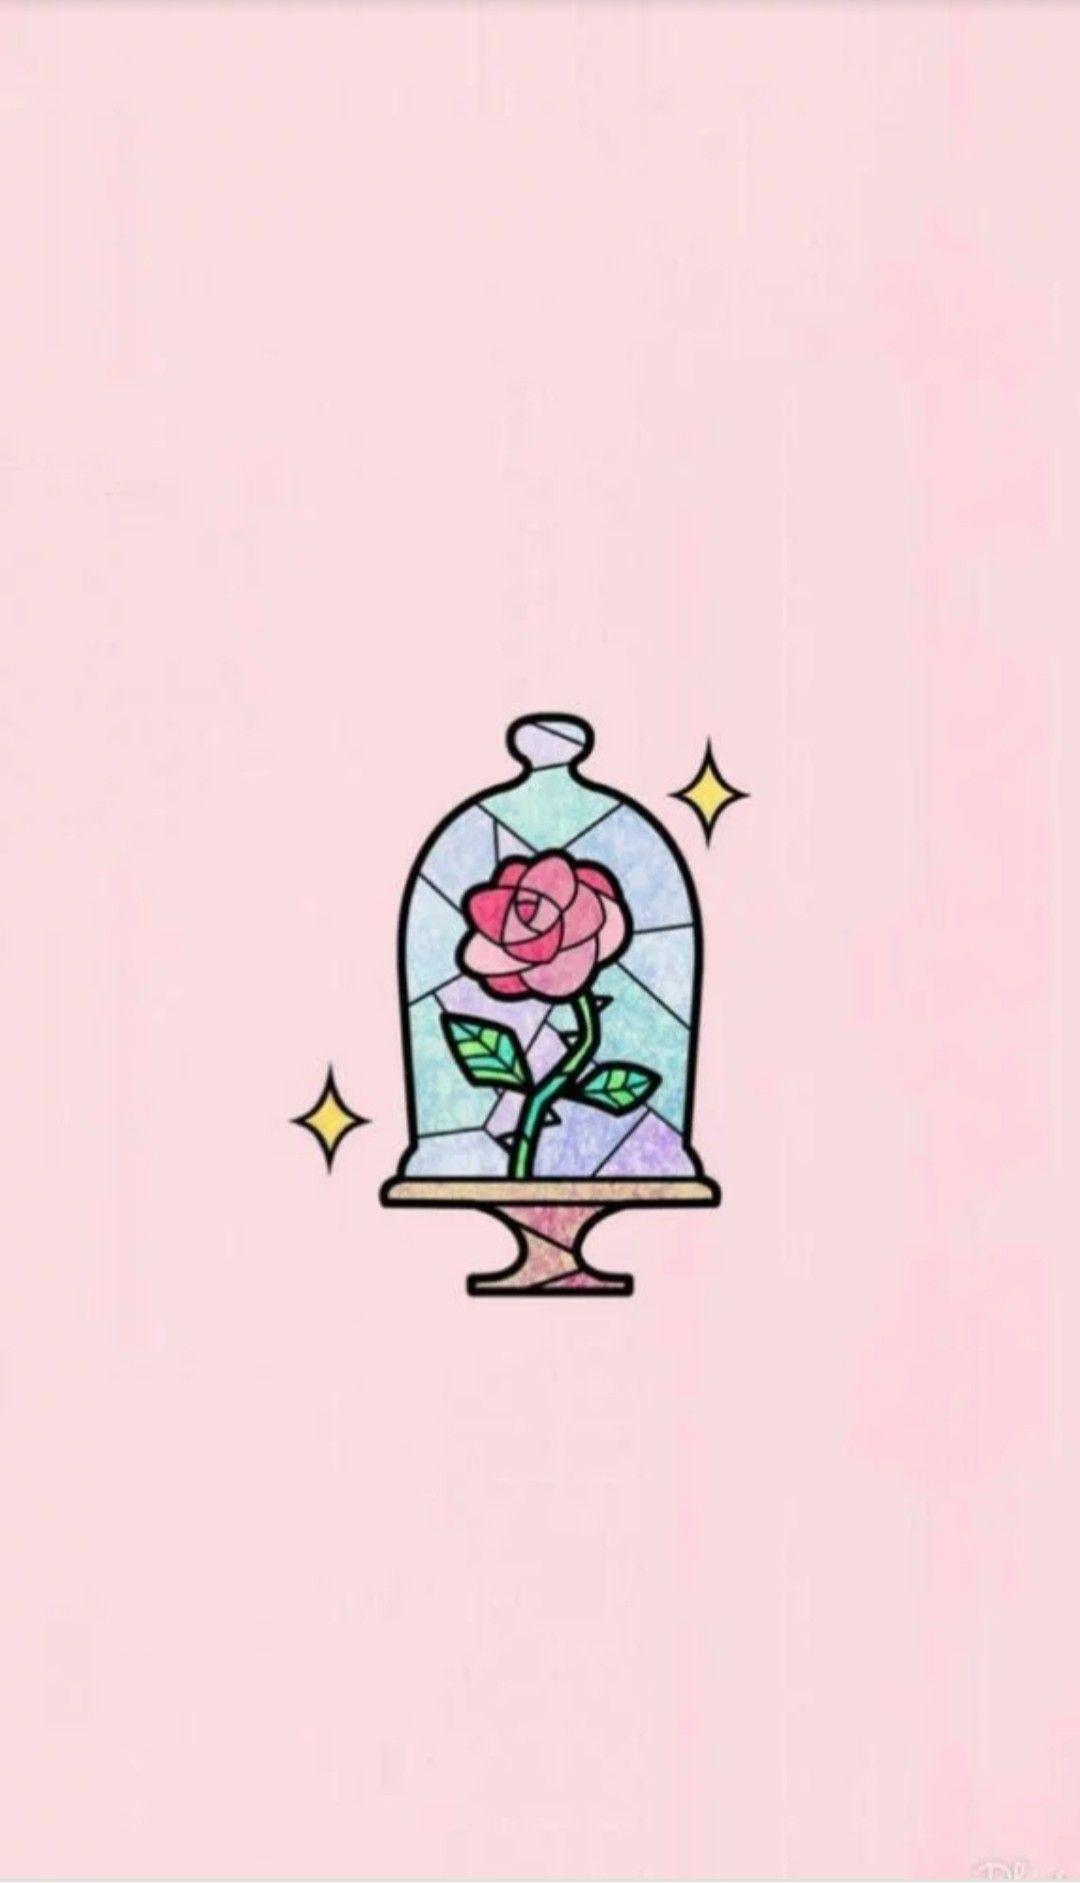 La rosa más Bonita la bella y la bestia